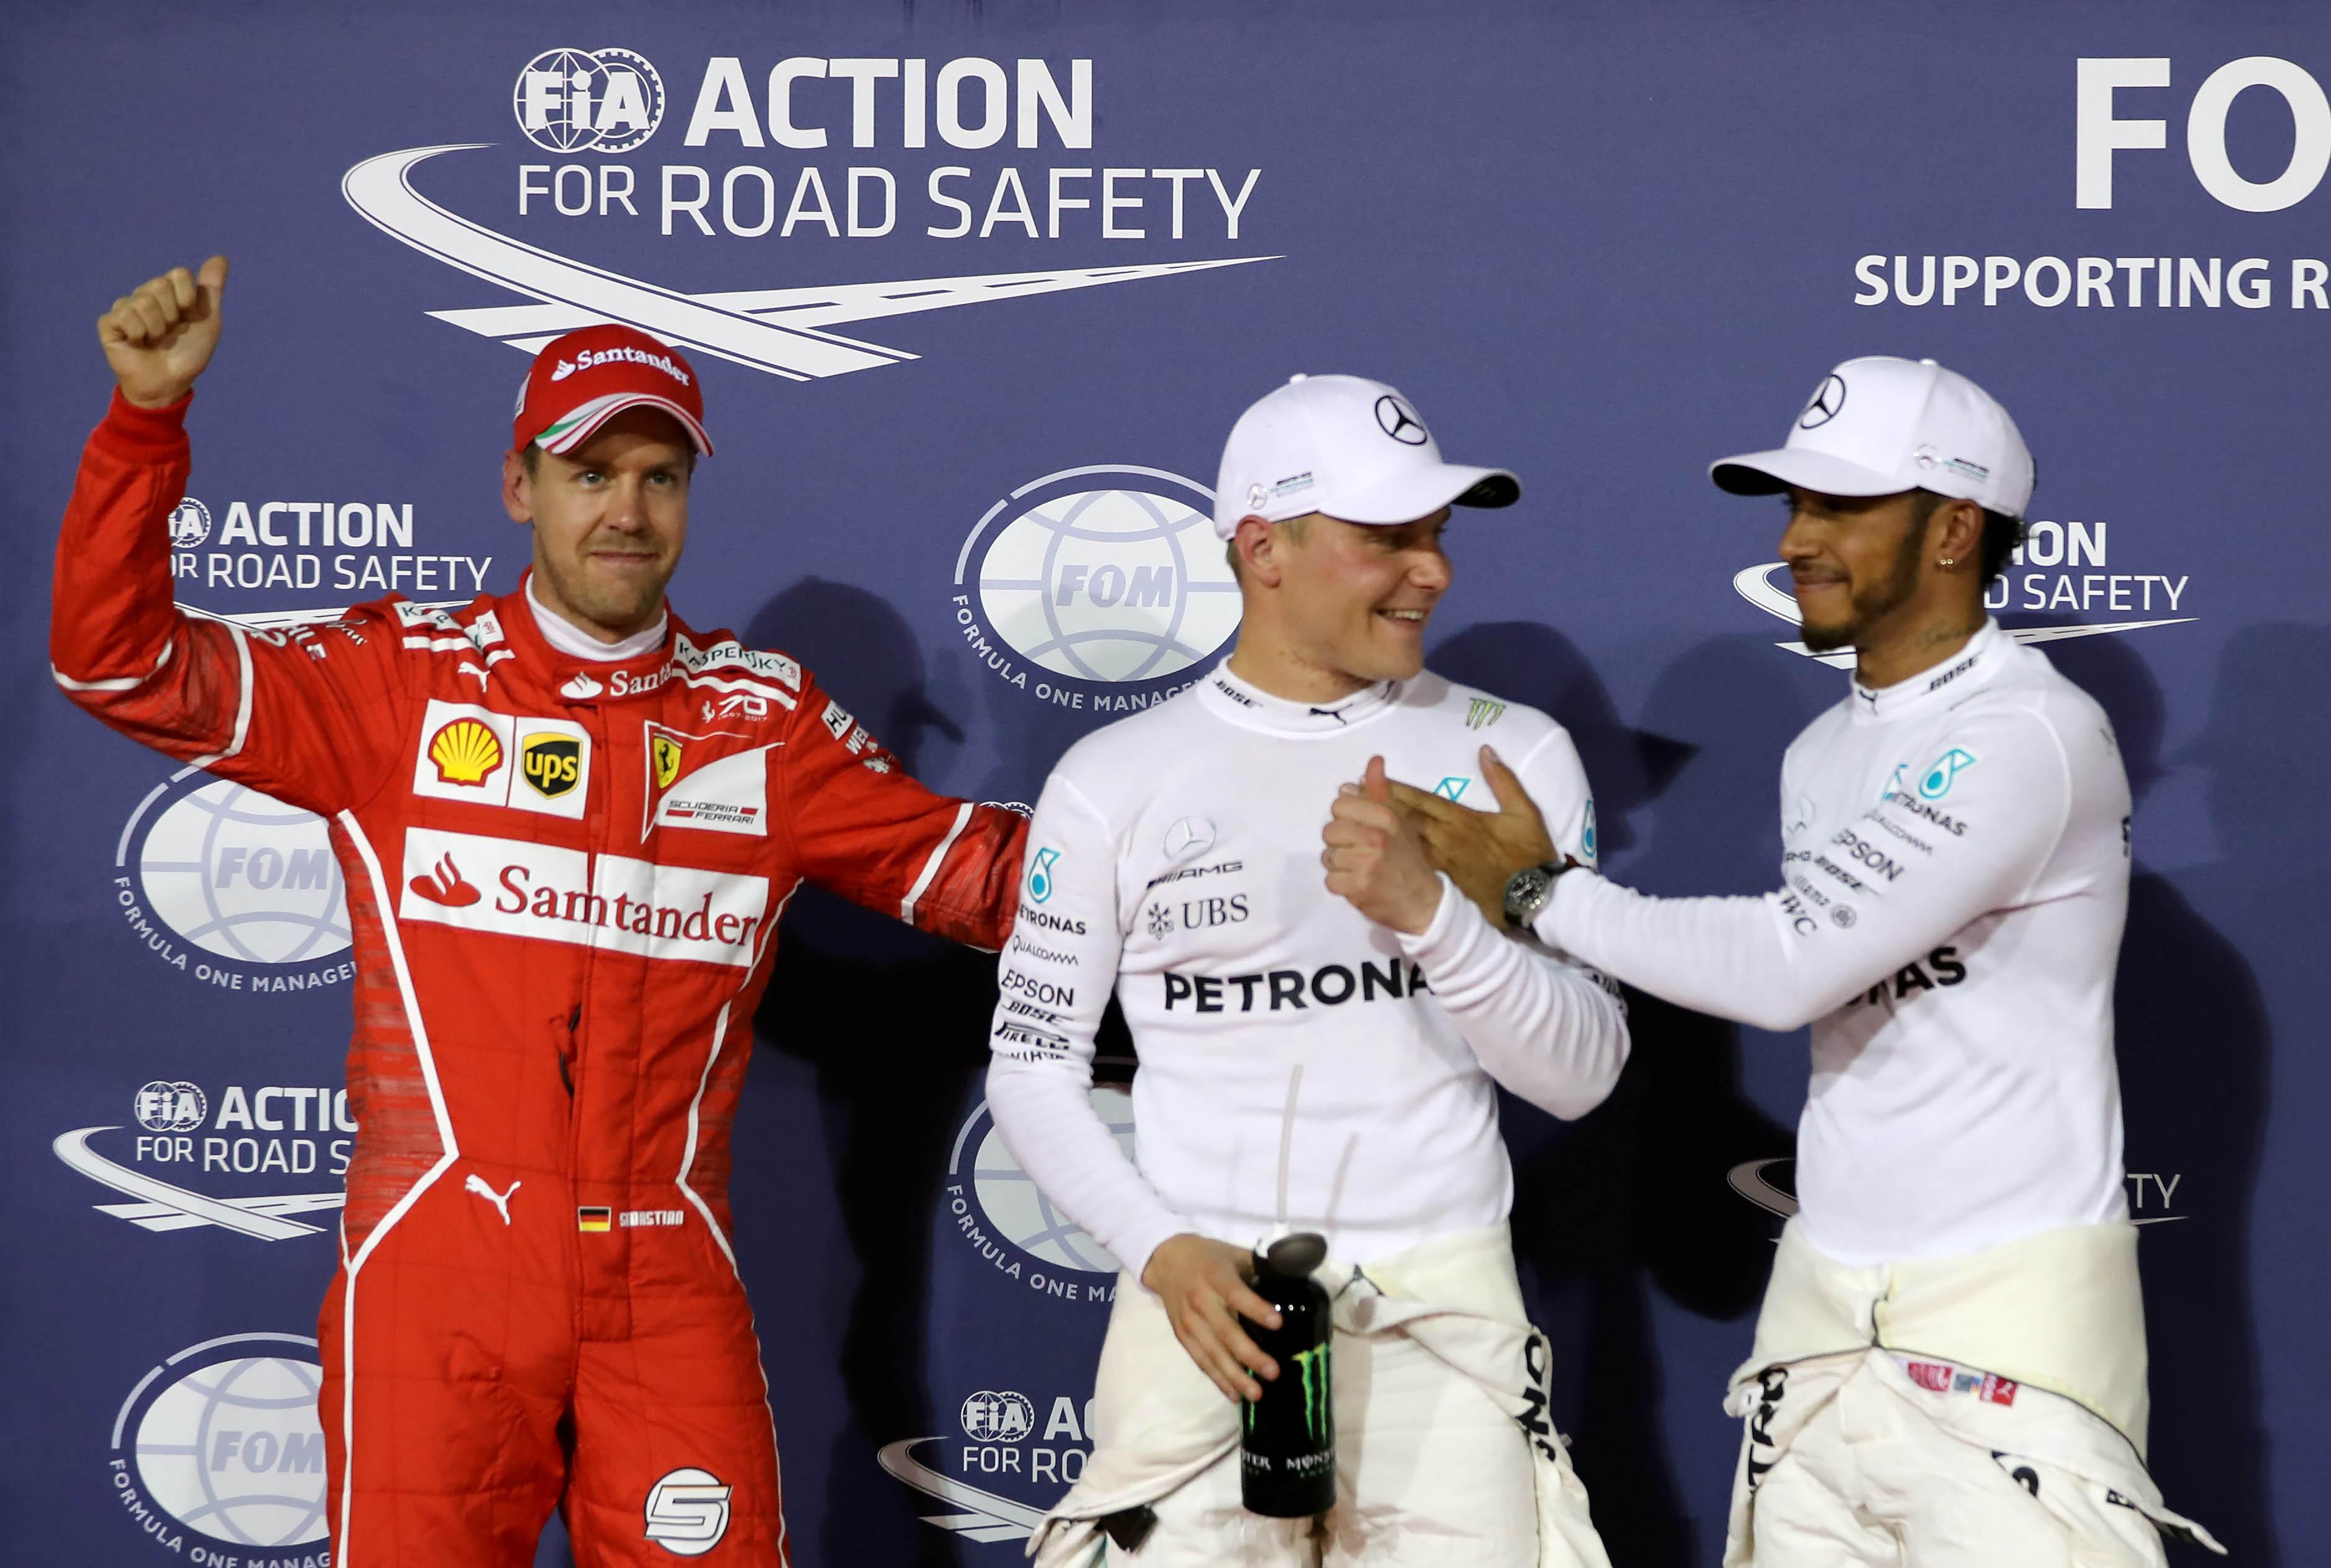 GP de Bahréin: Bottas se cuela en el baile de Hamilton y Vettel